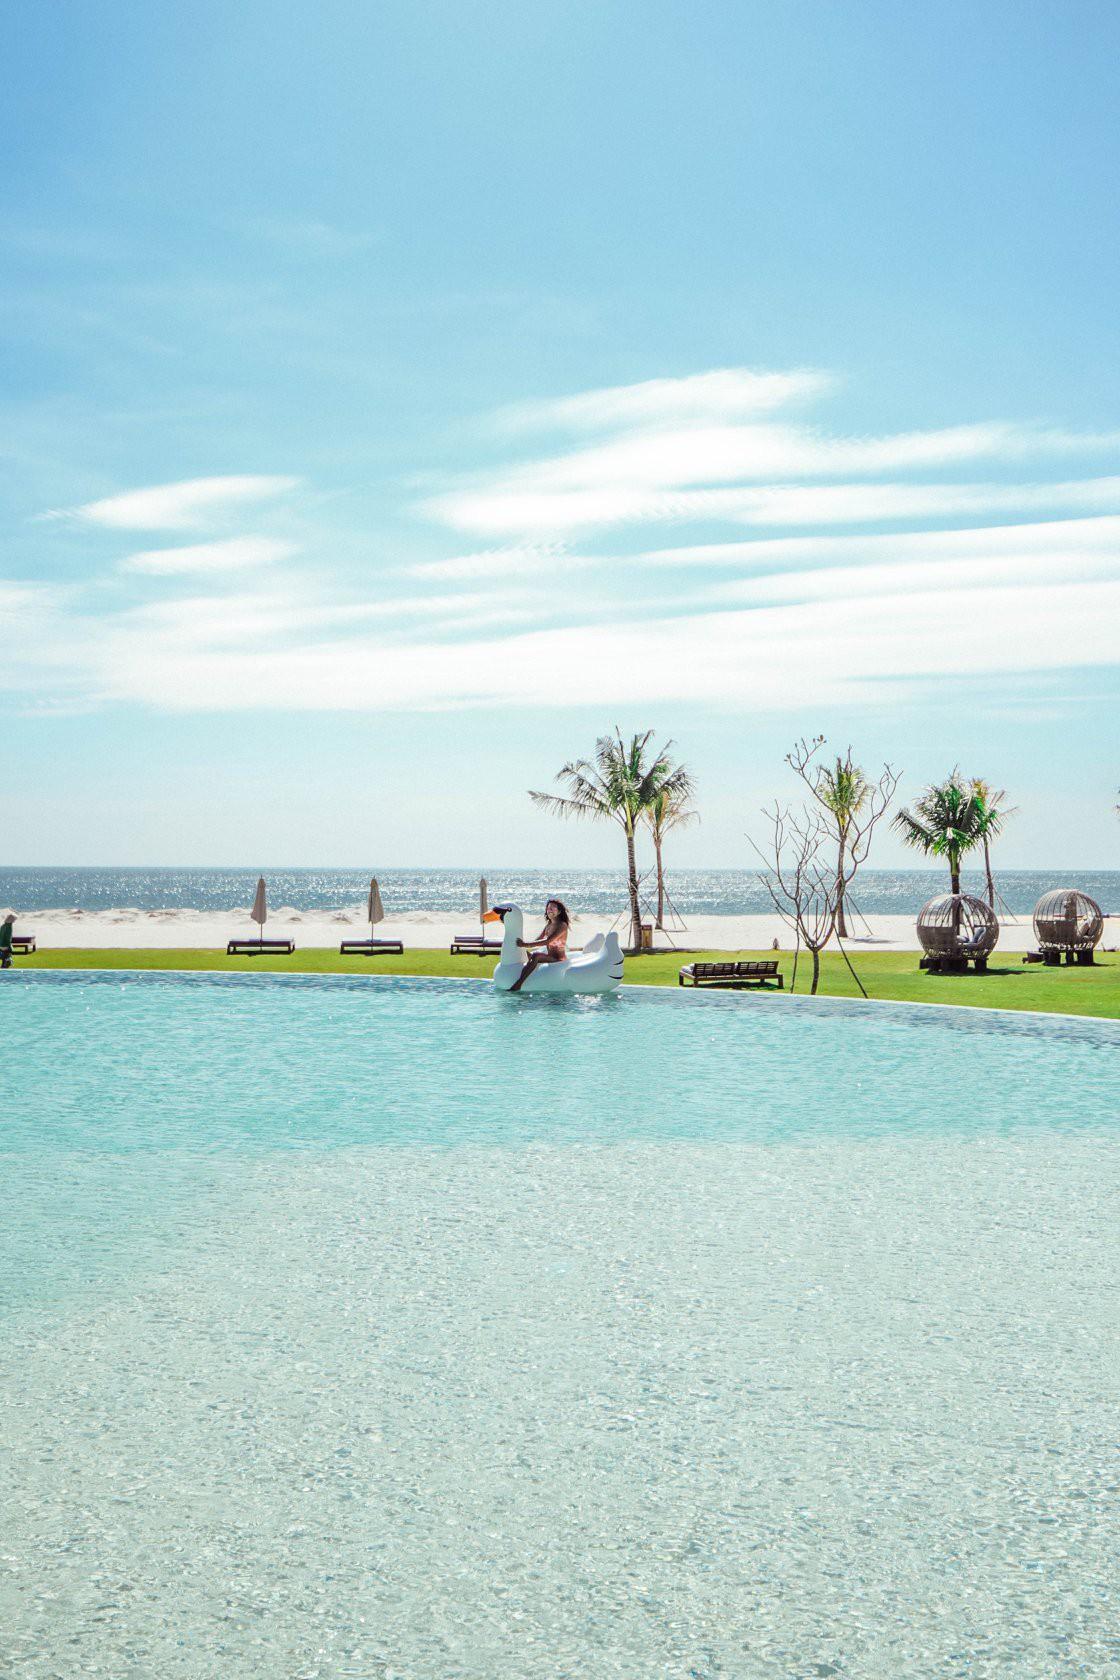 Đi Phú Quốc, update ngay 3 resort đang siêu hot vì đẹp, hay ho và sang chảnh - Ảnh 18.